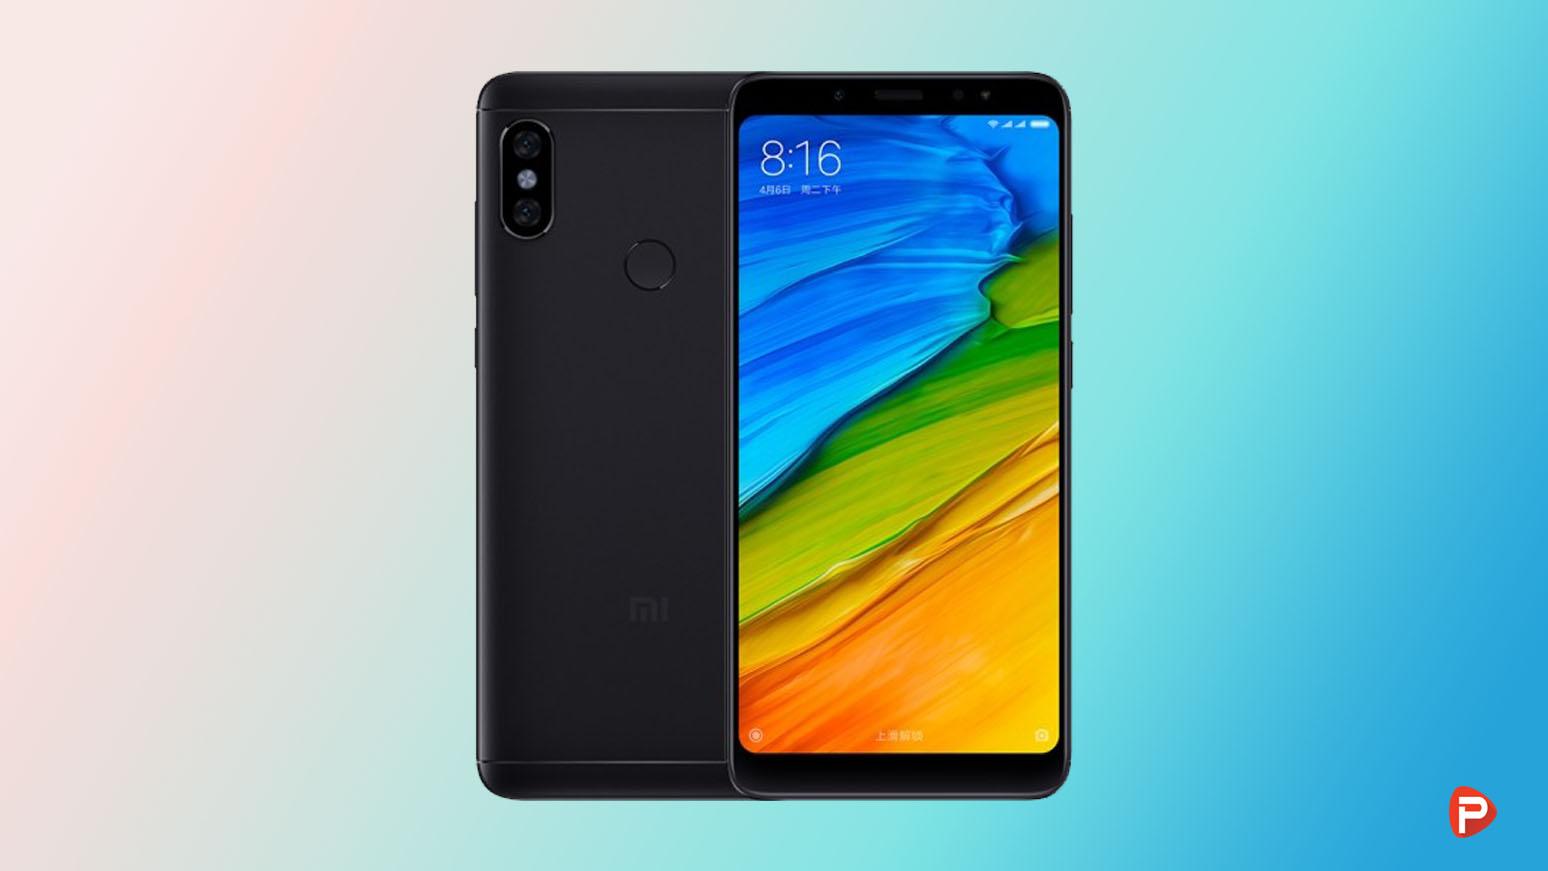 Xiaomi Redmi Note 5 AI launched in Nepal